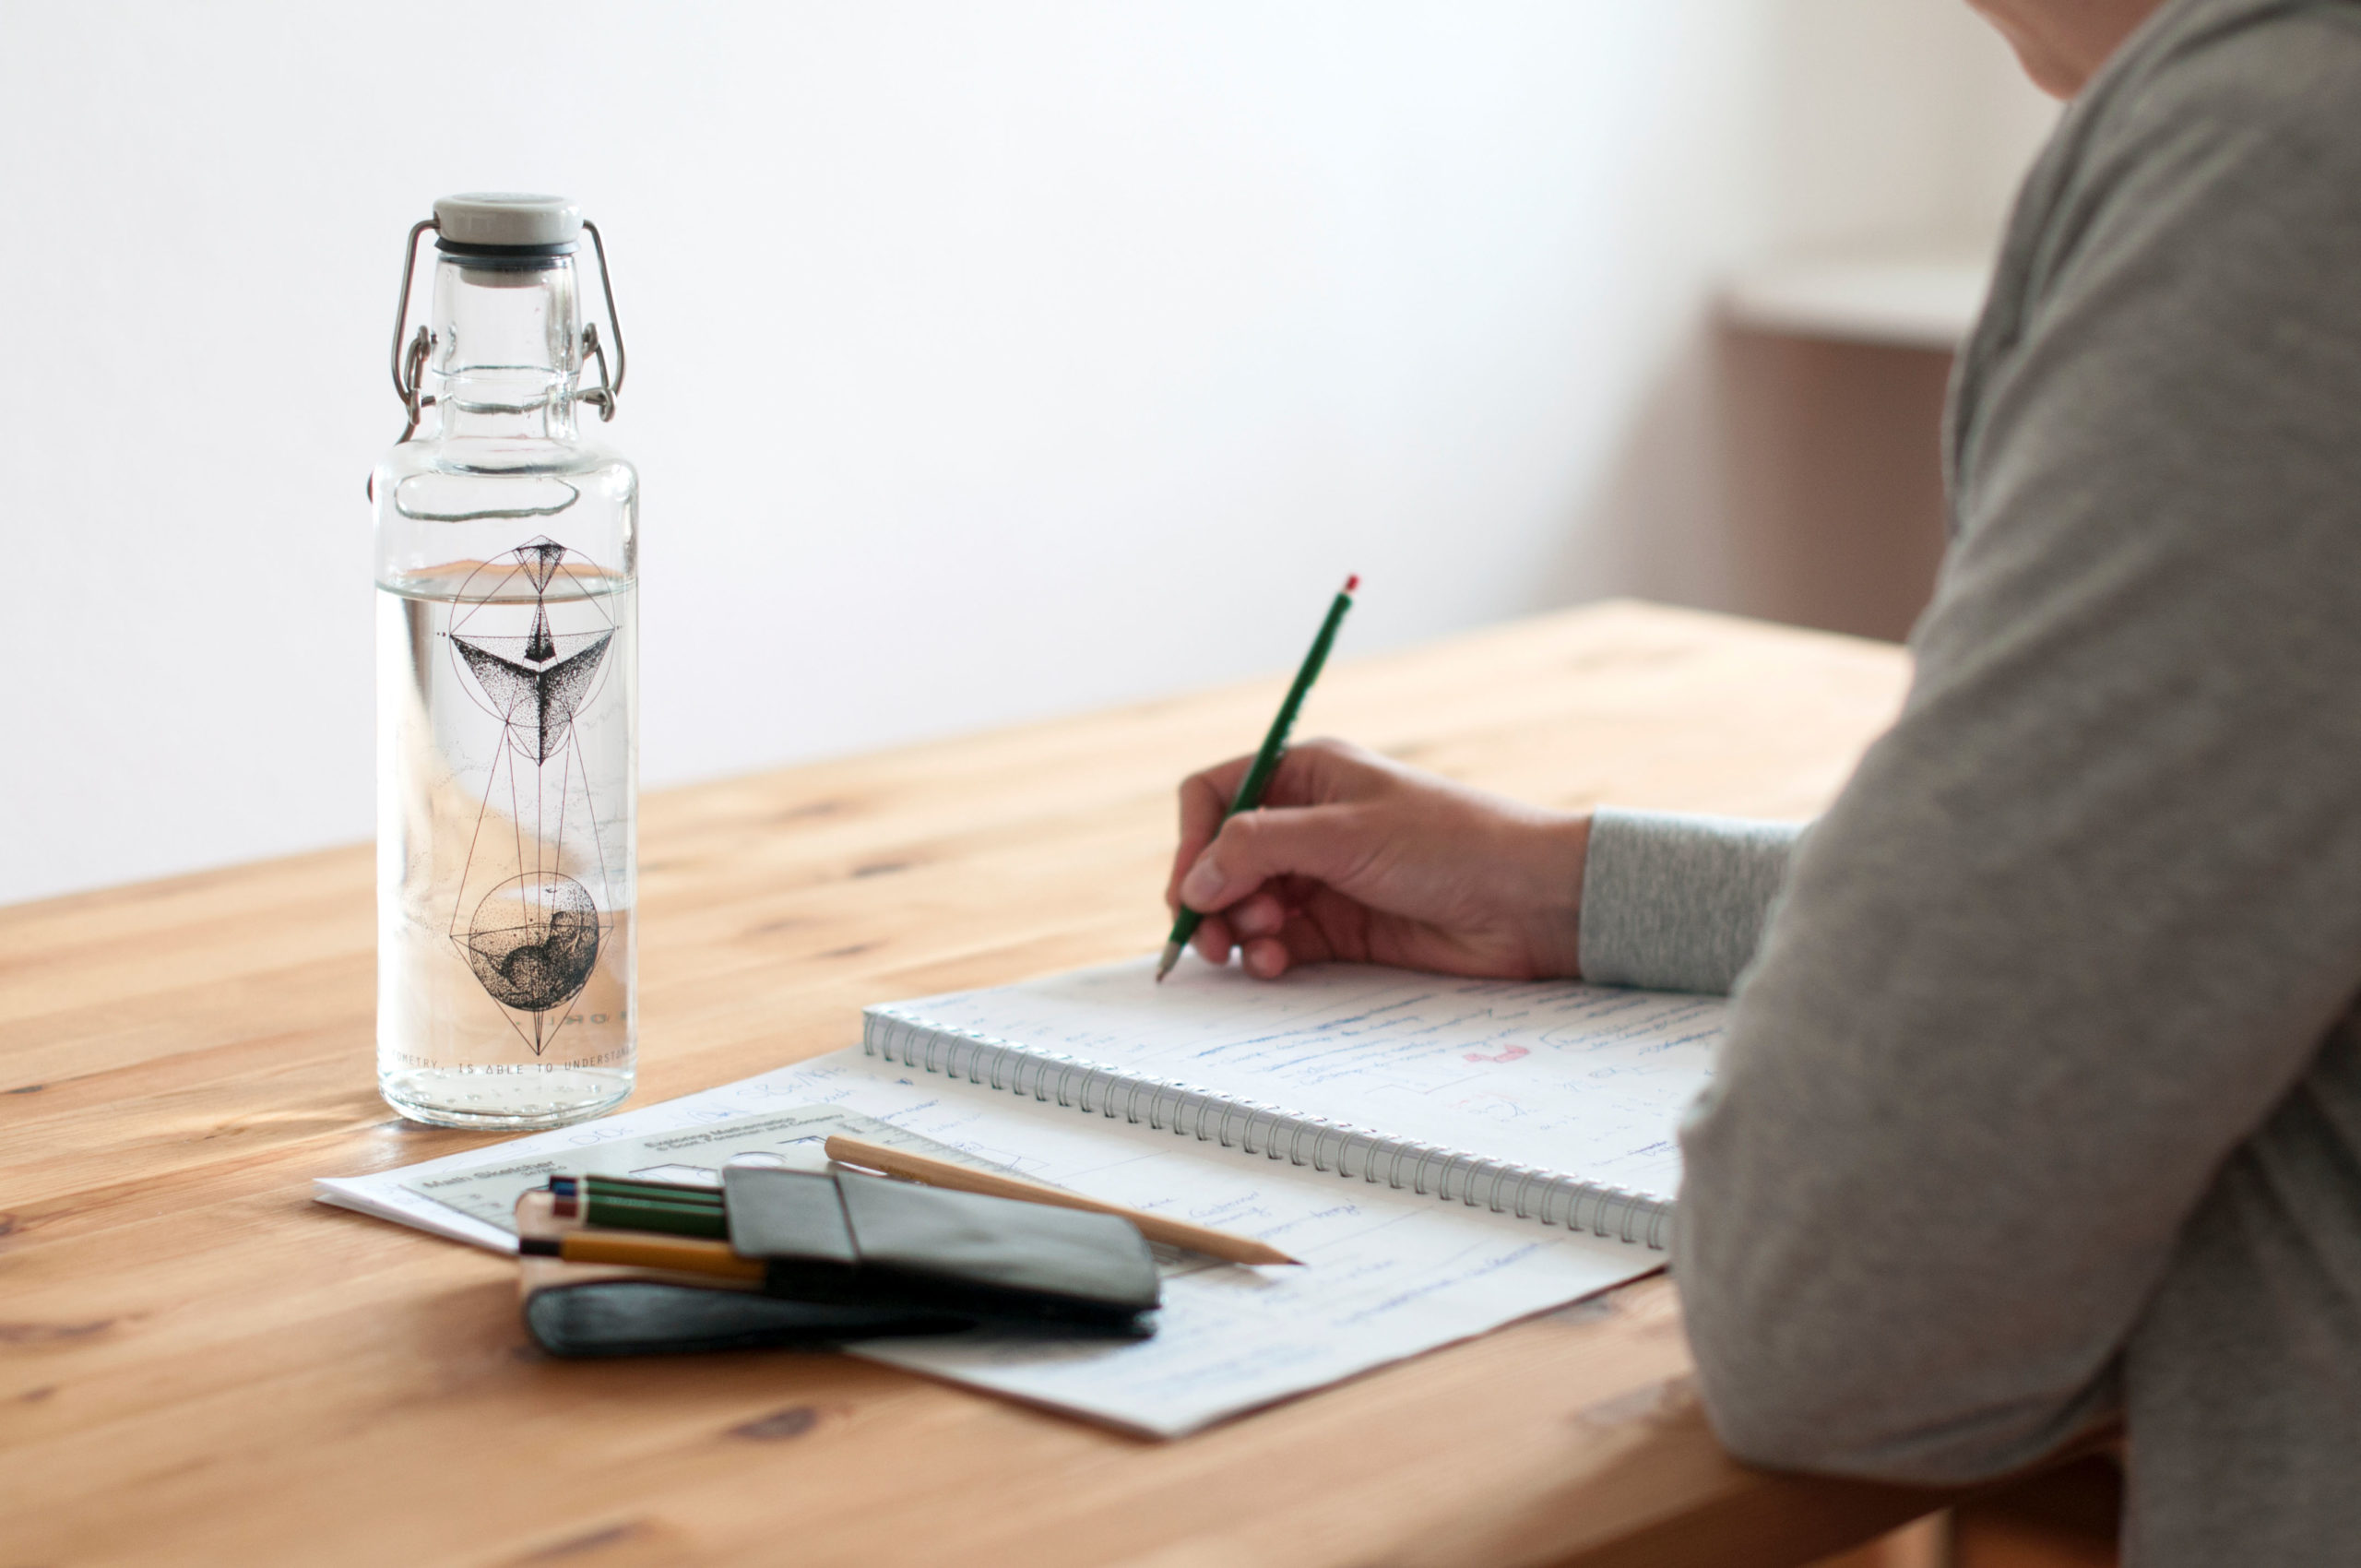 Glasflasche auf dem Schreibtisch